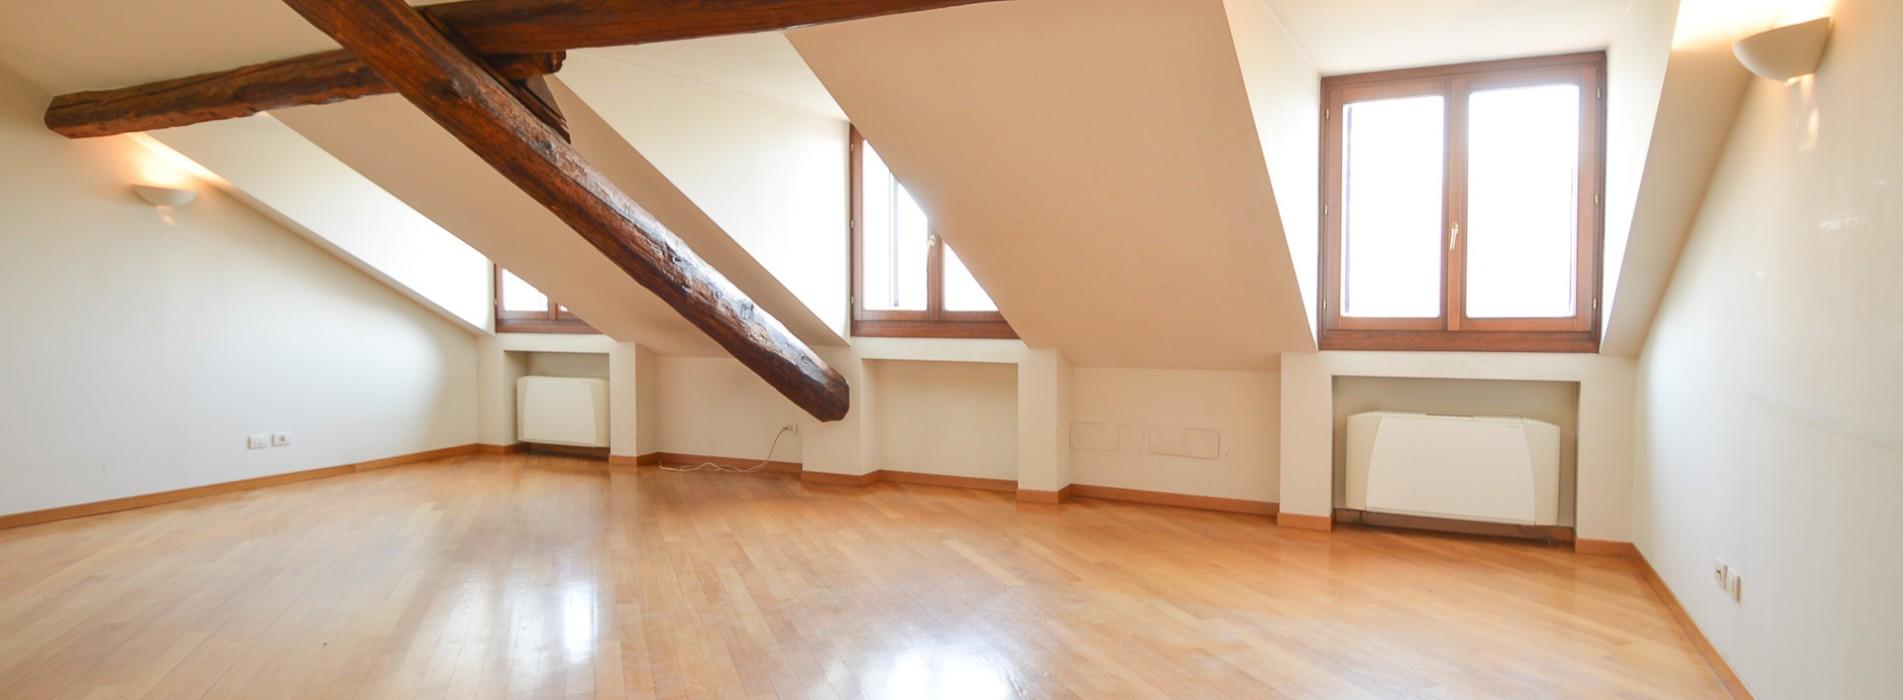 Affitto attico foro Buonaparte, Milano